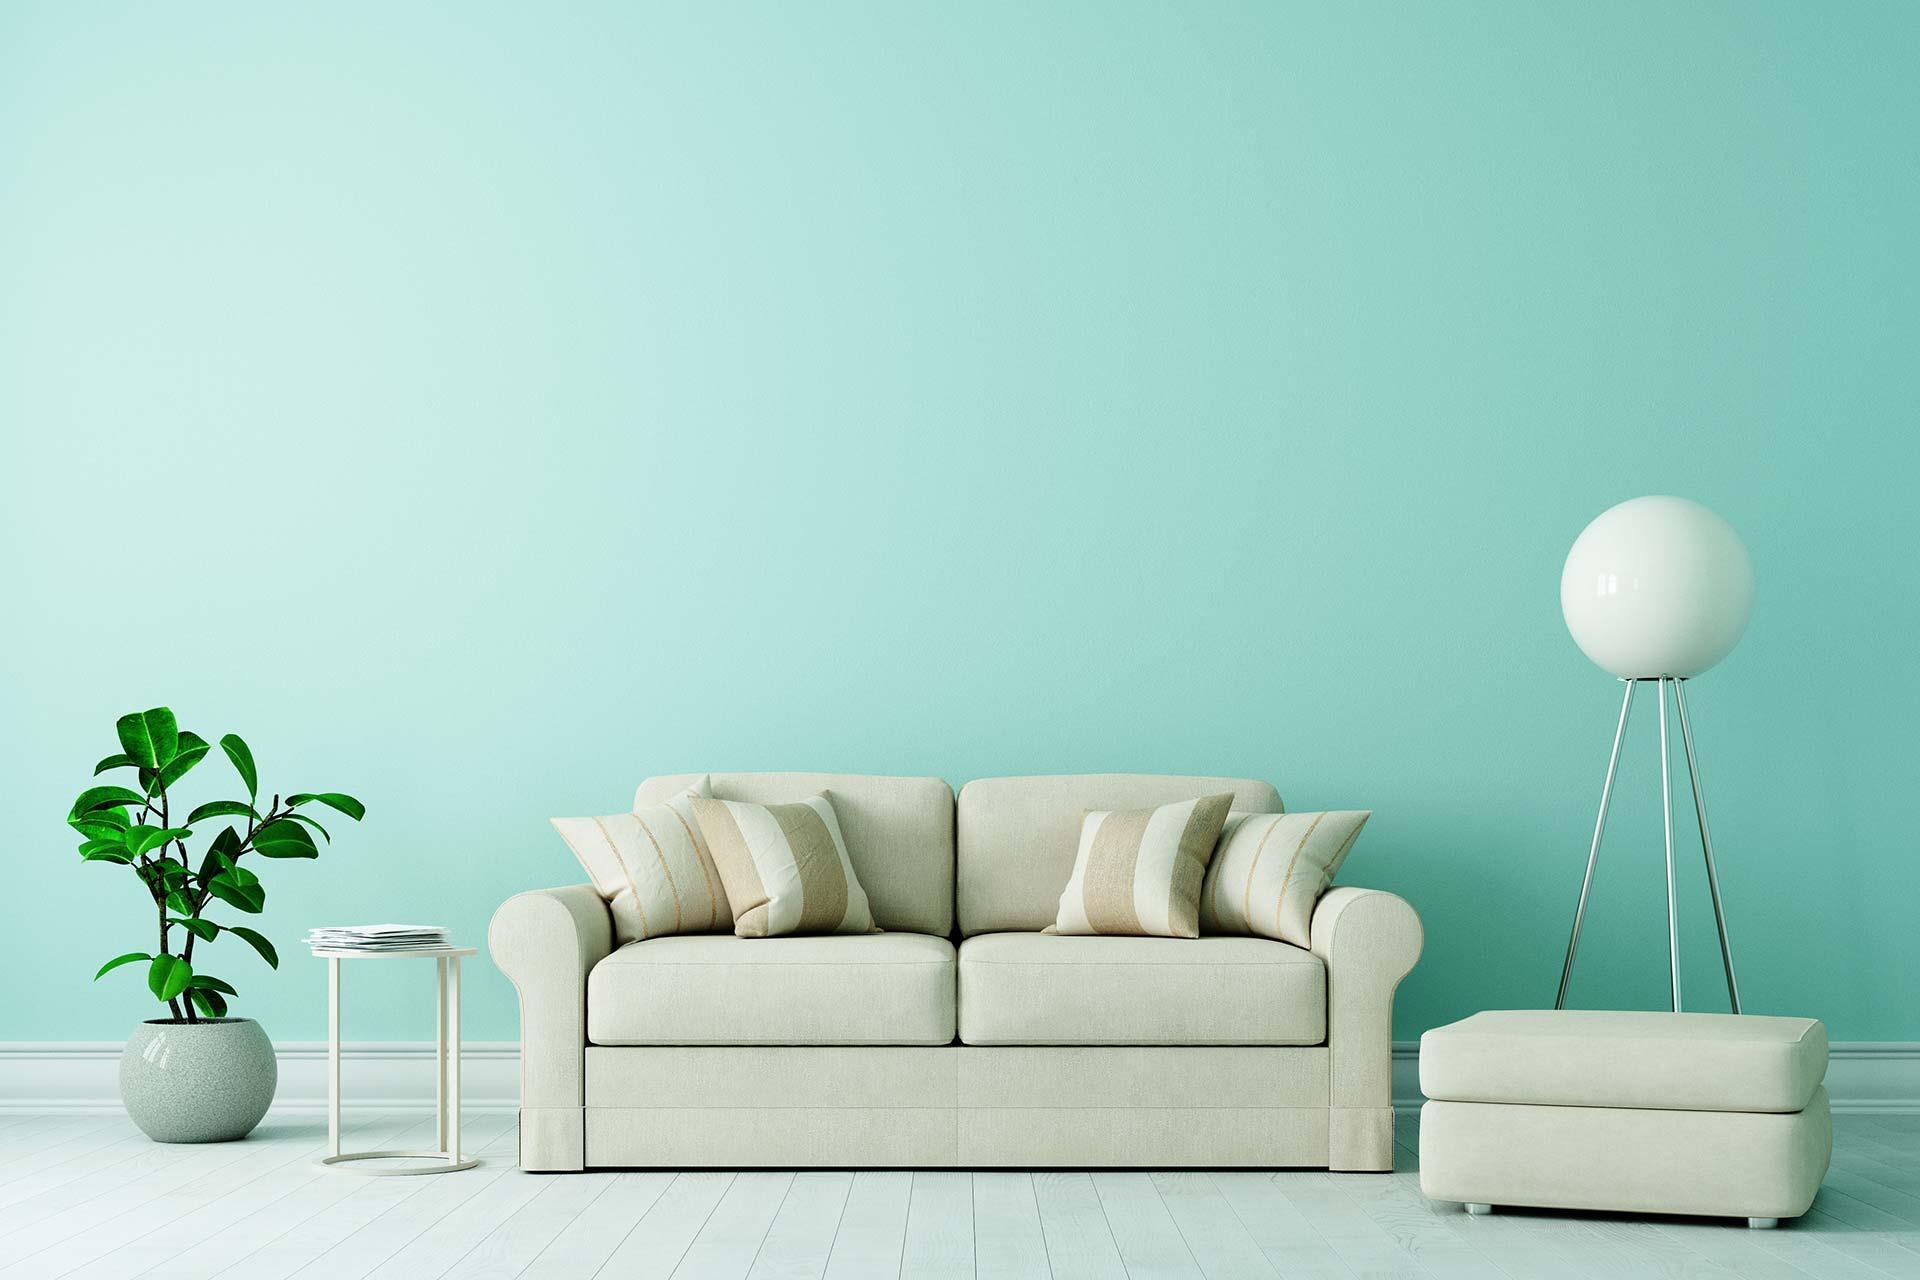 Leistungen - Sofa in Altbau Wohnzimmer mit moderner Einrichtung und Platz an der grünen Wand für eine Leinwand